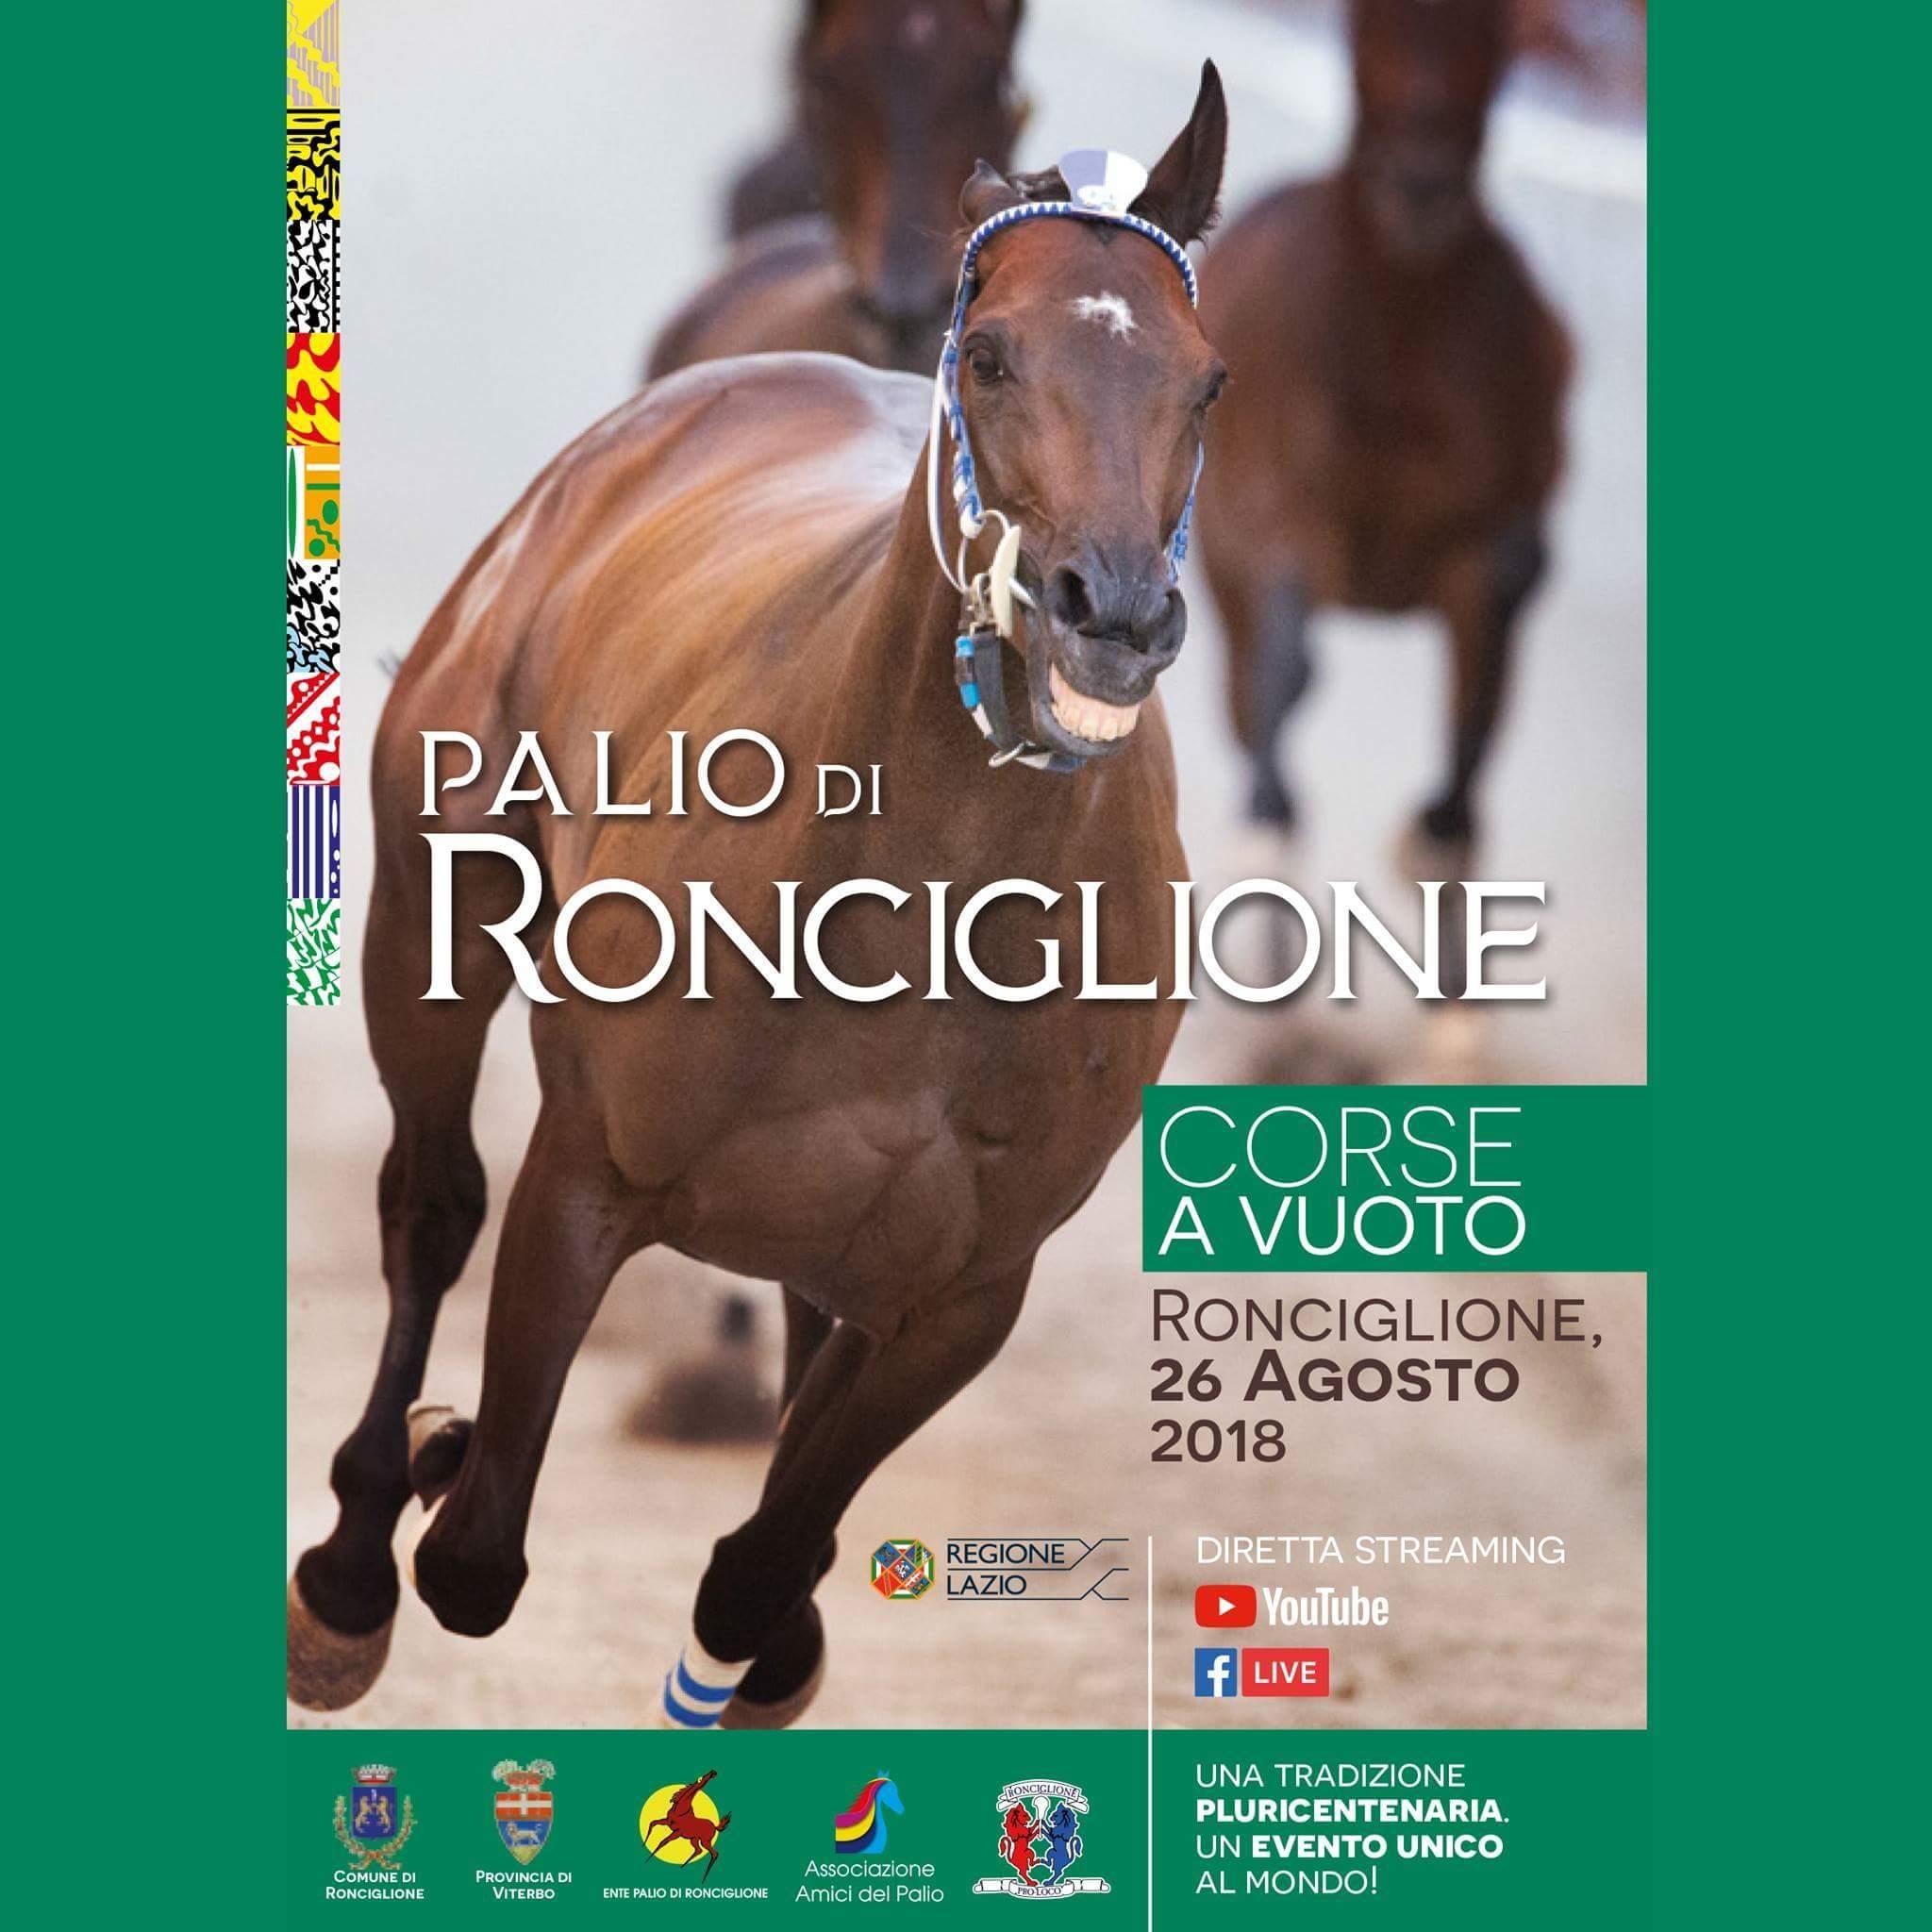 Ronciglione, iniziata ufficialmente la settimana del Palio delle Corse a Vuoto di Ronciglione